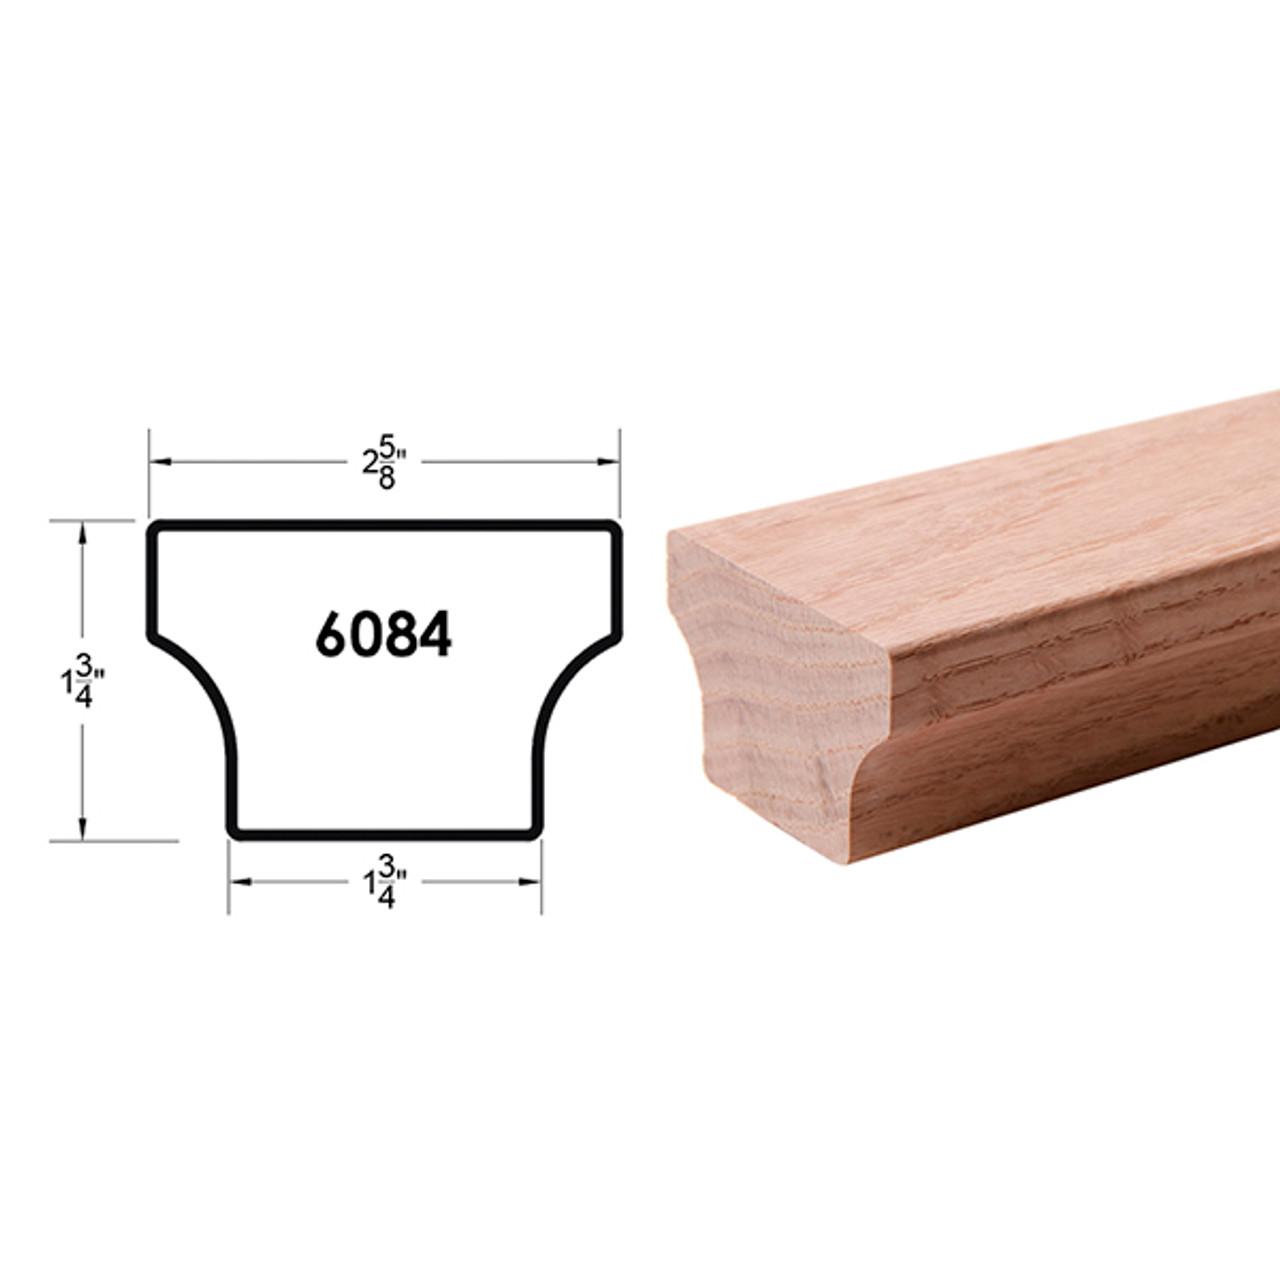 6084 Red Oak Handrail